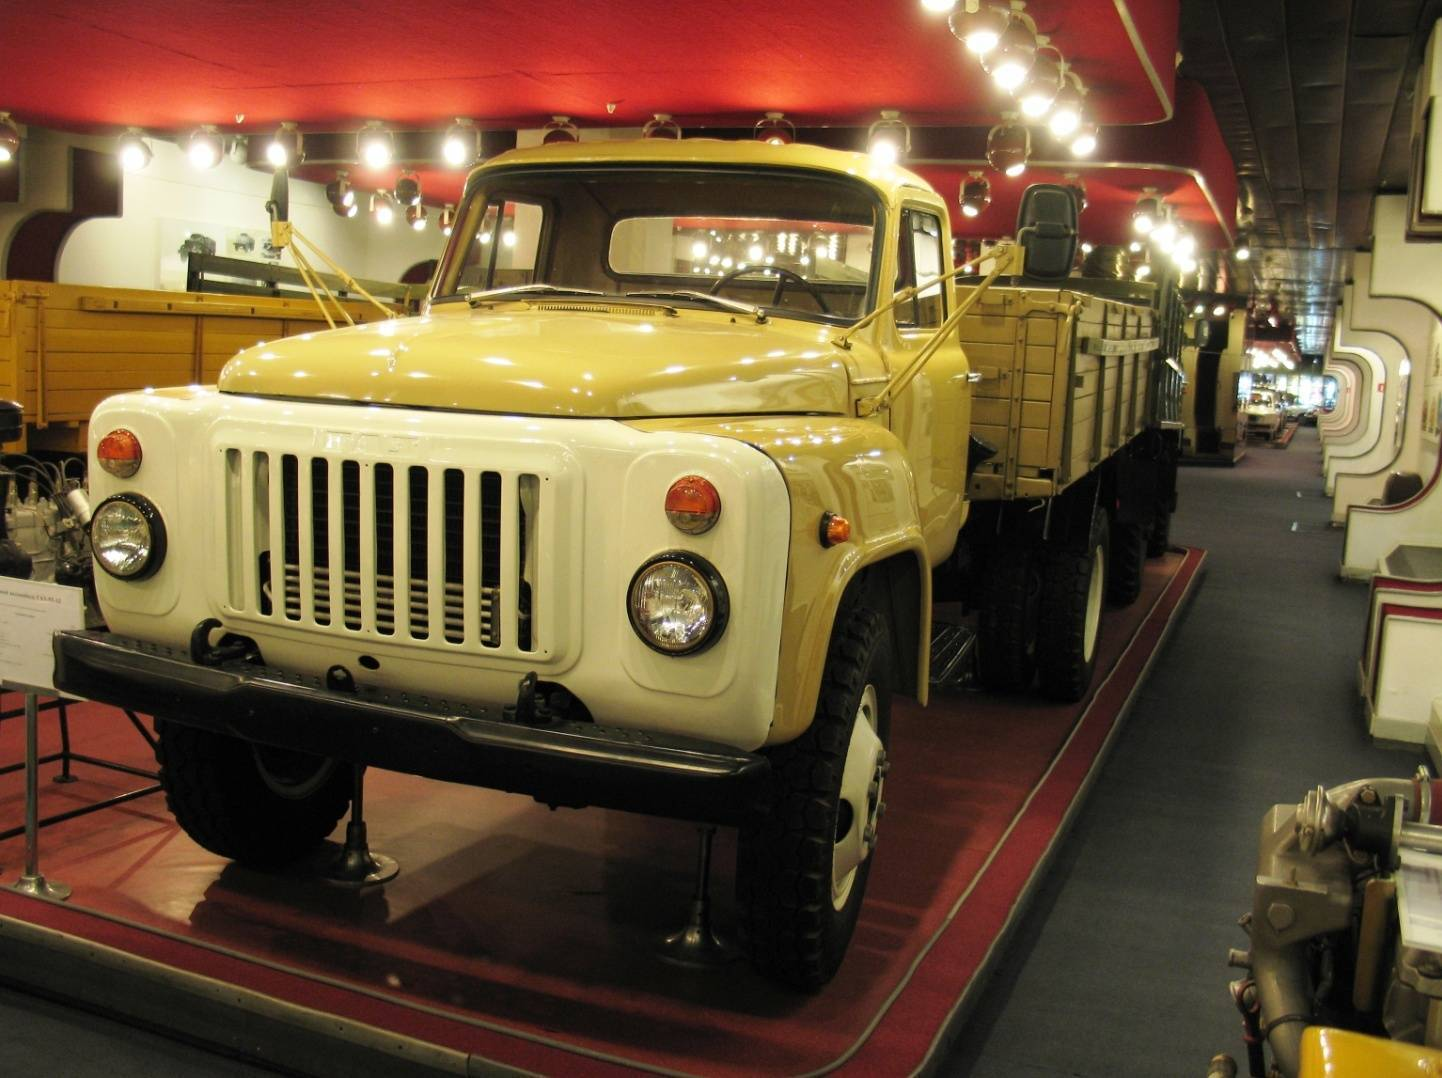 Газ-63 — советский грузовой автомобиль. история, описание, технические характеристики